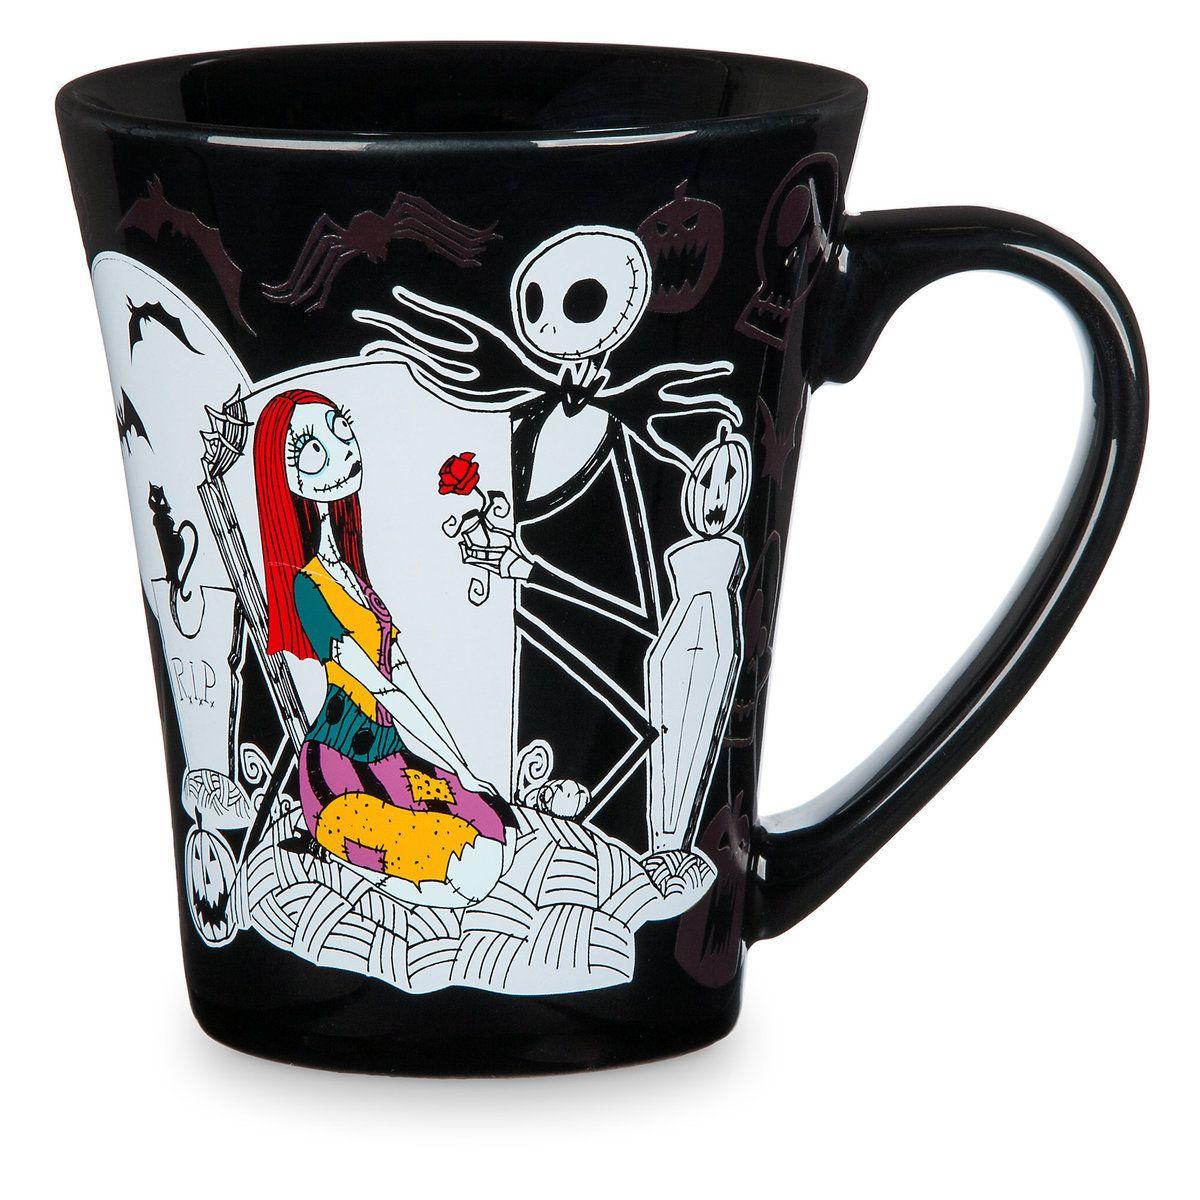 Jack Skellington and Sally Color Changing Mug | Wish List ...